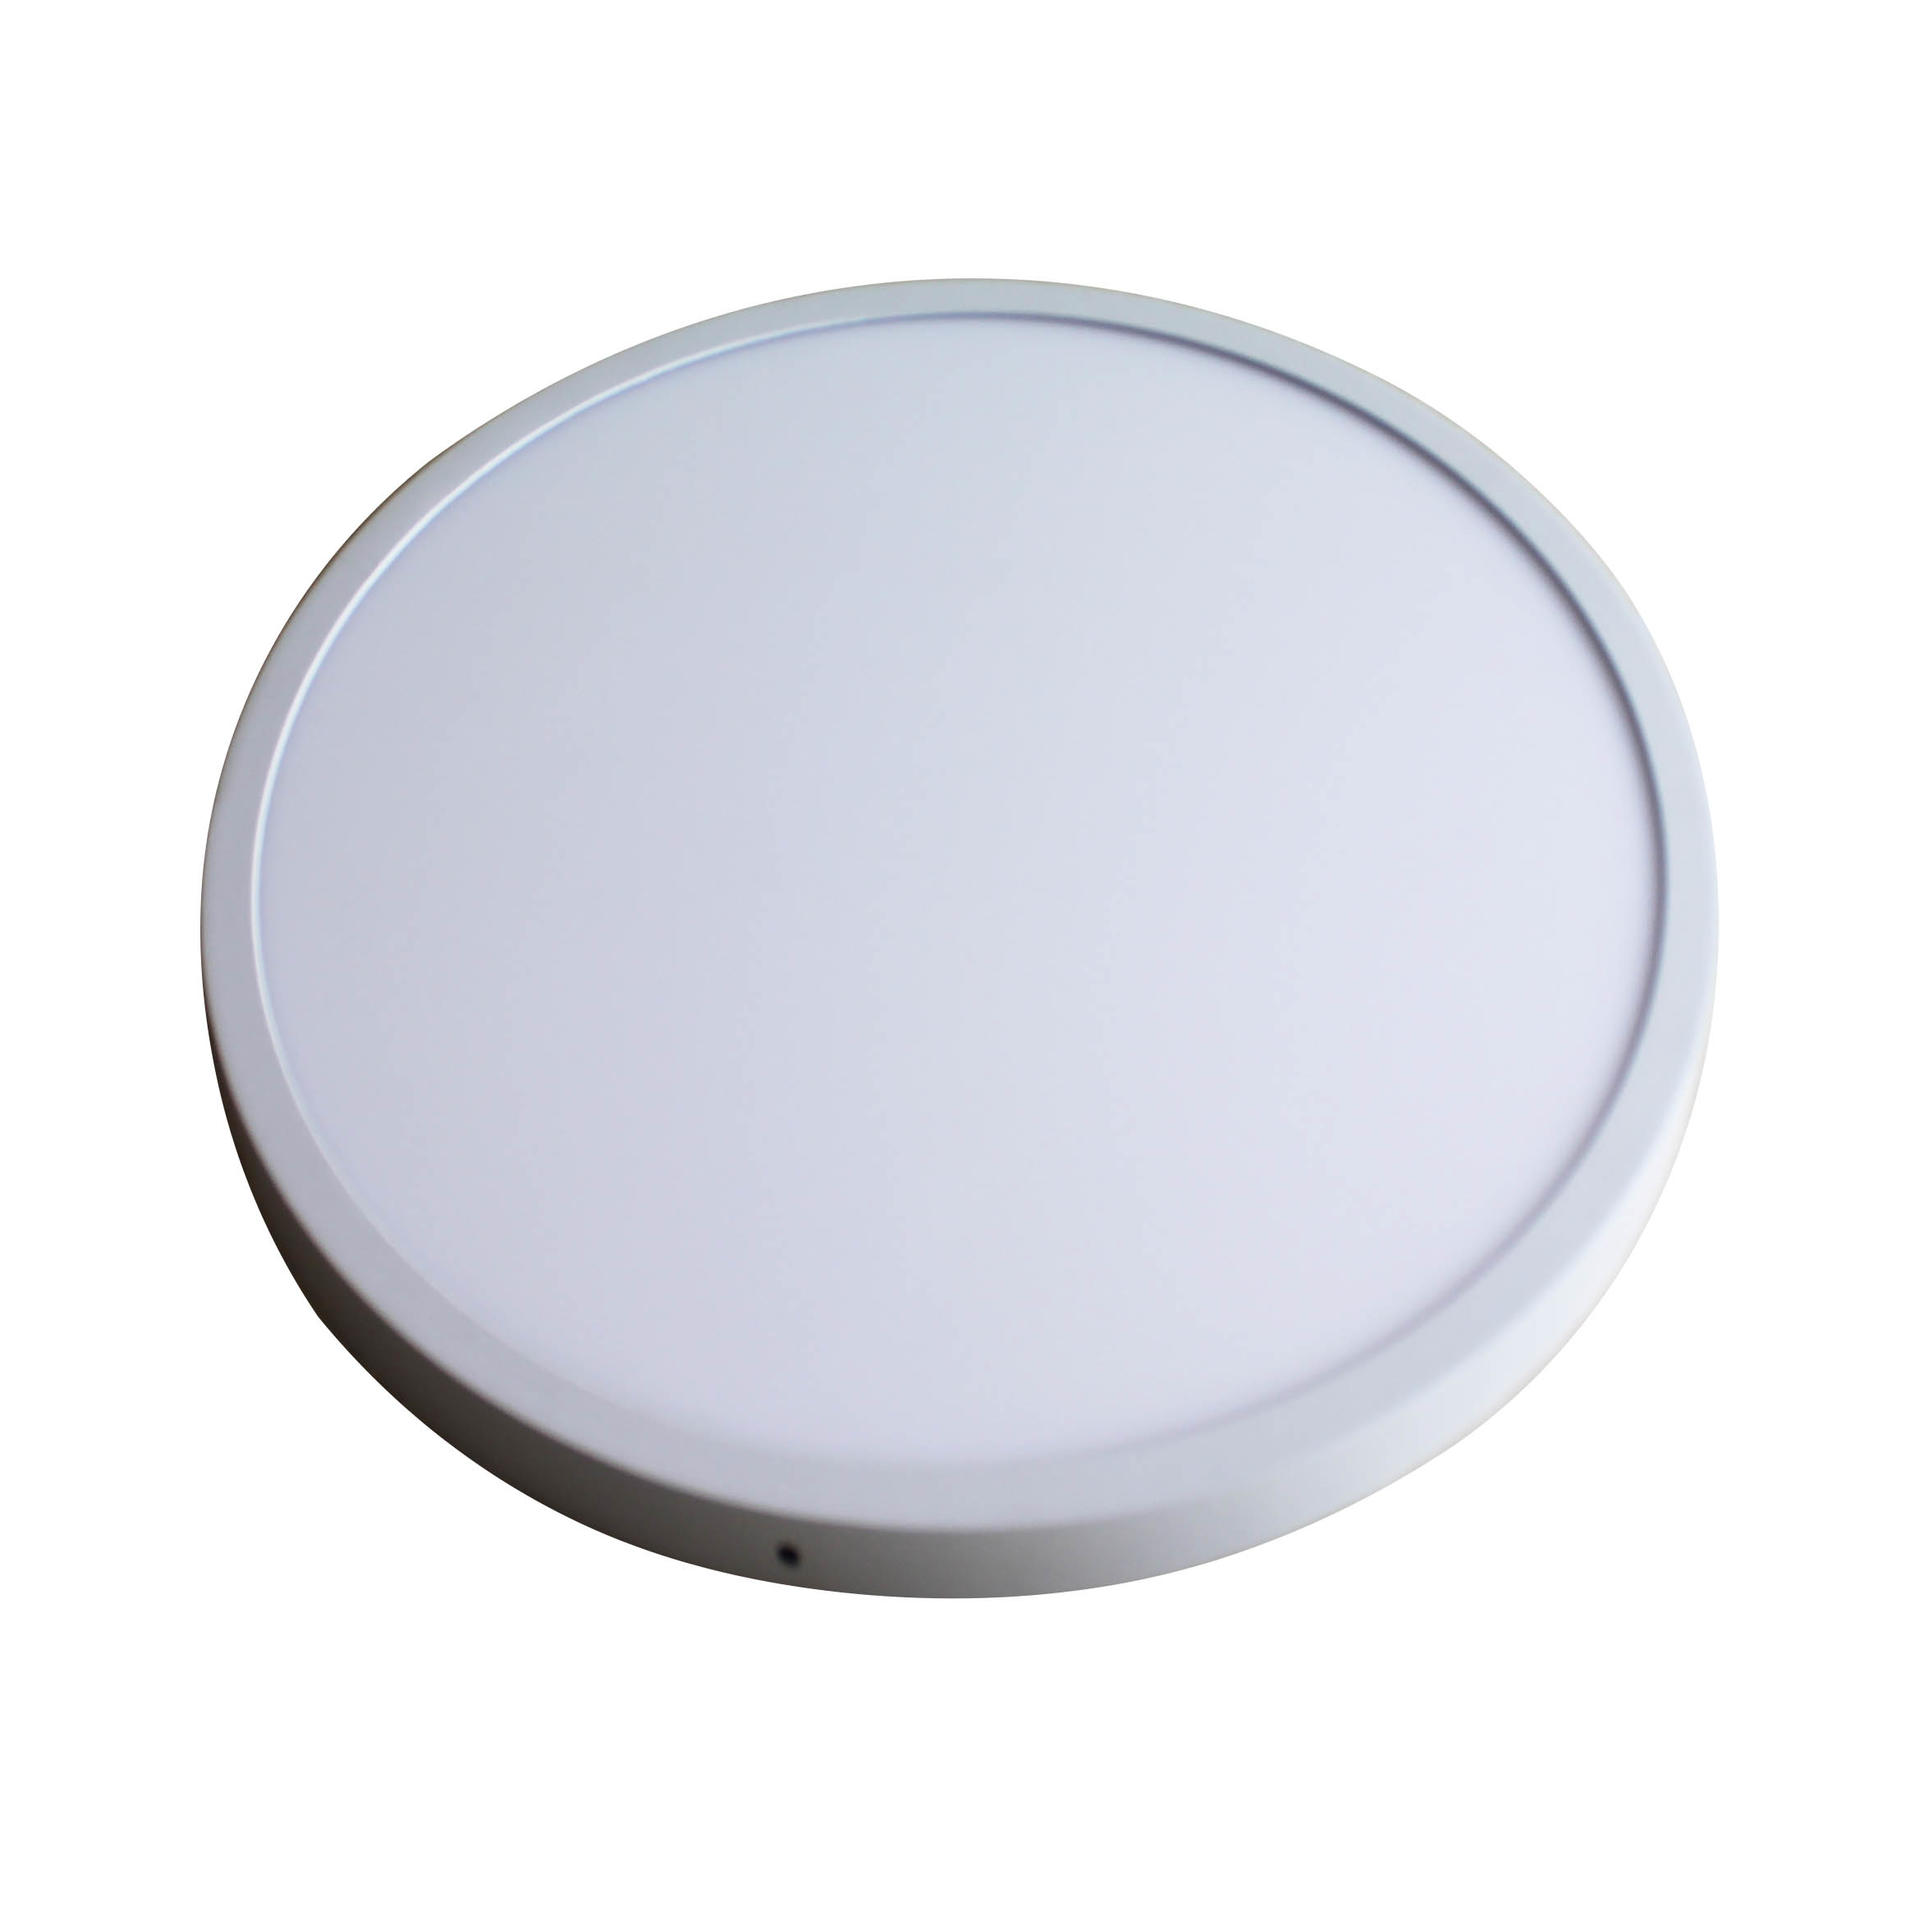 32W-48W LED Ceiling Light Circular 3 years warranty